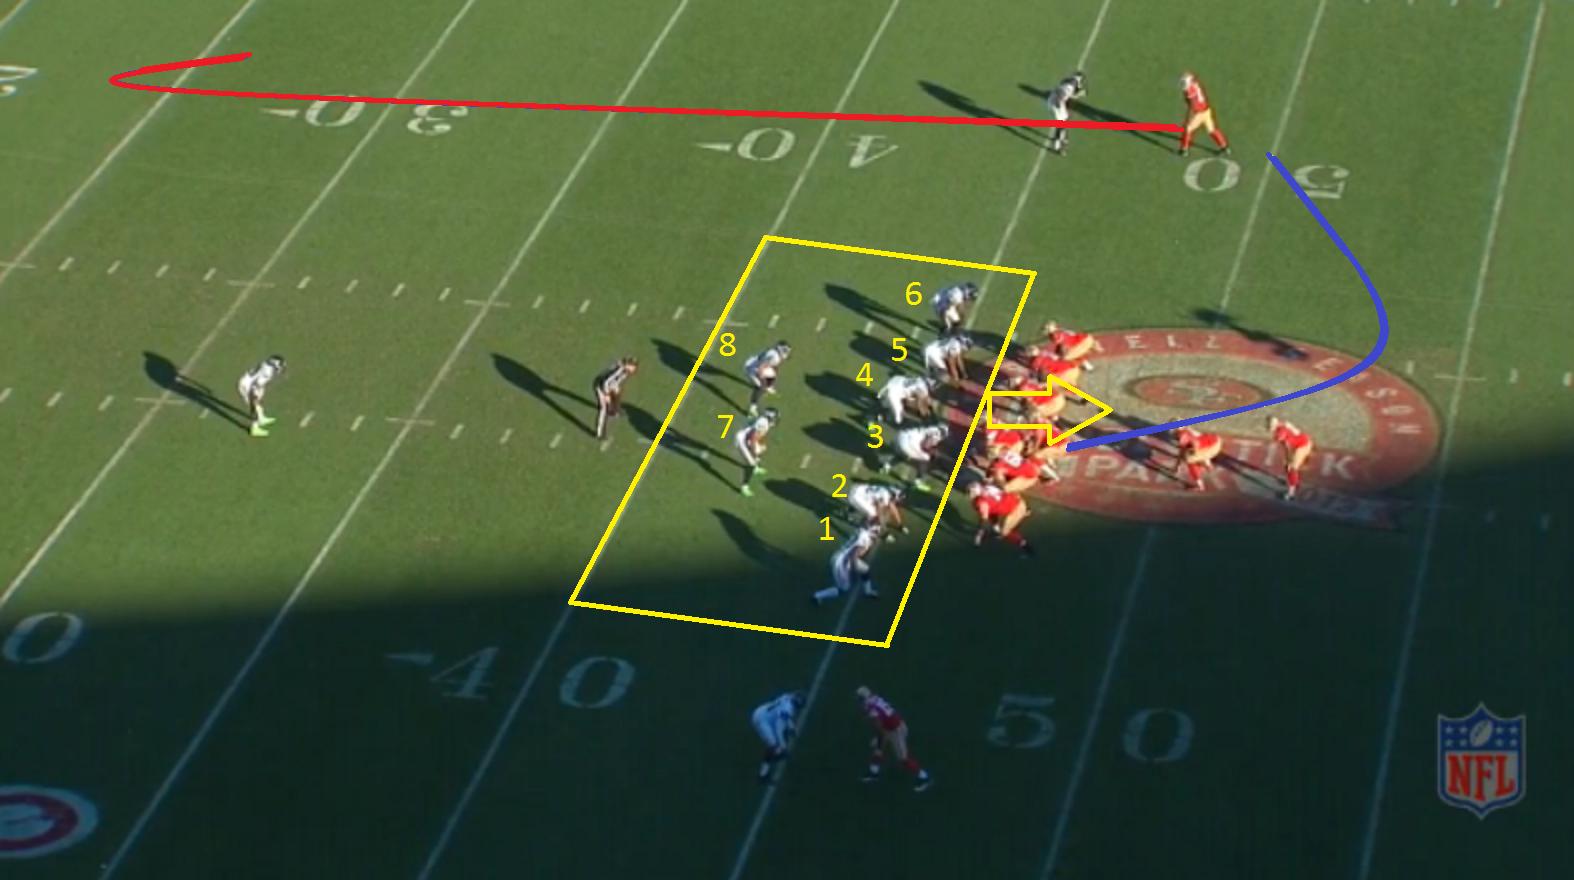 49ers_-_seahawks_passing_play_edit_medium